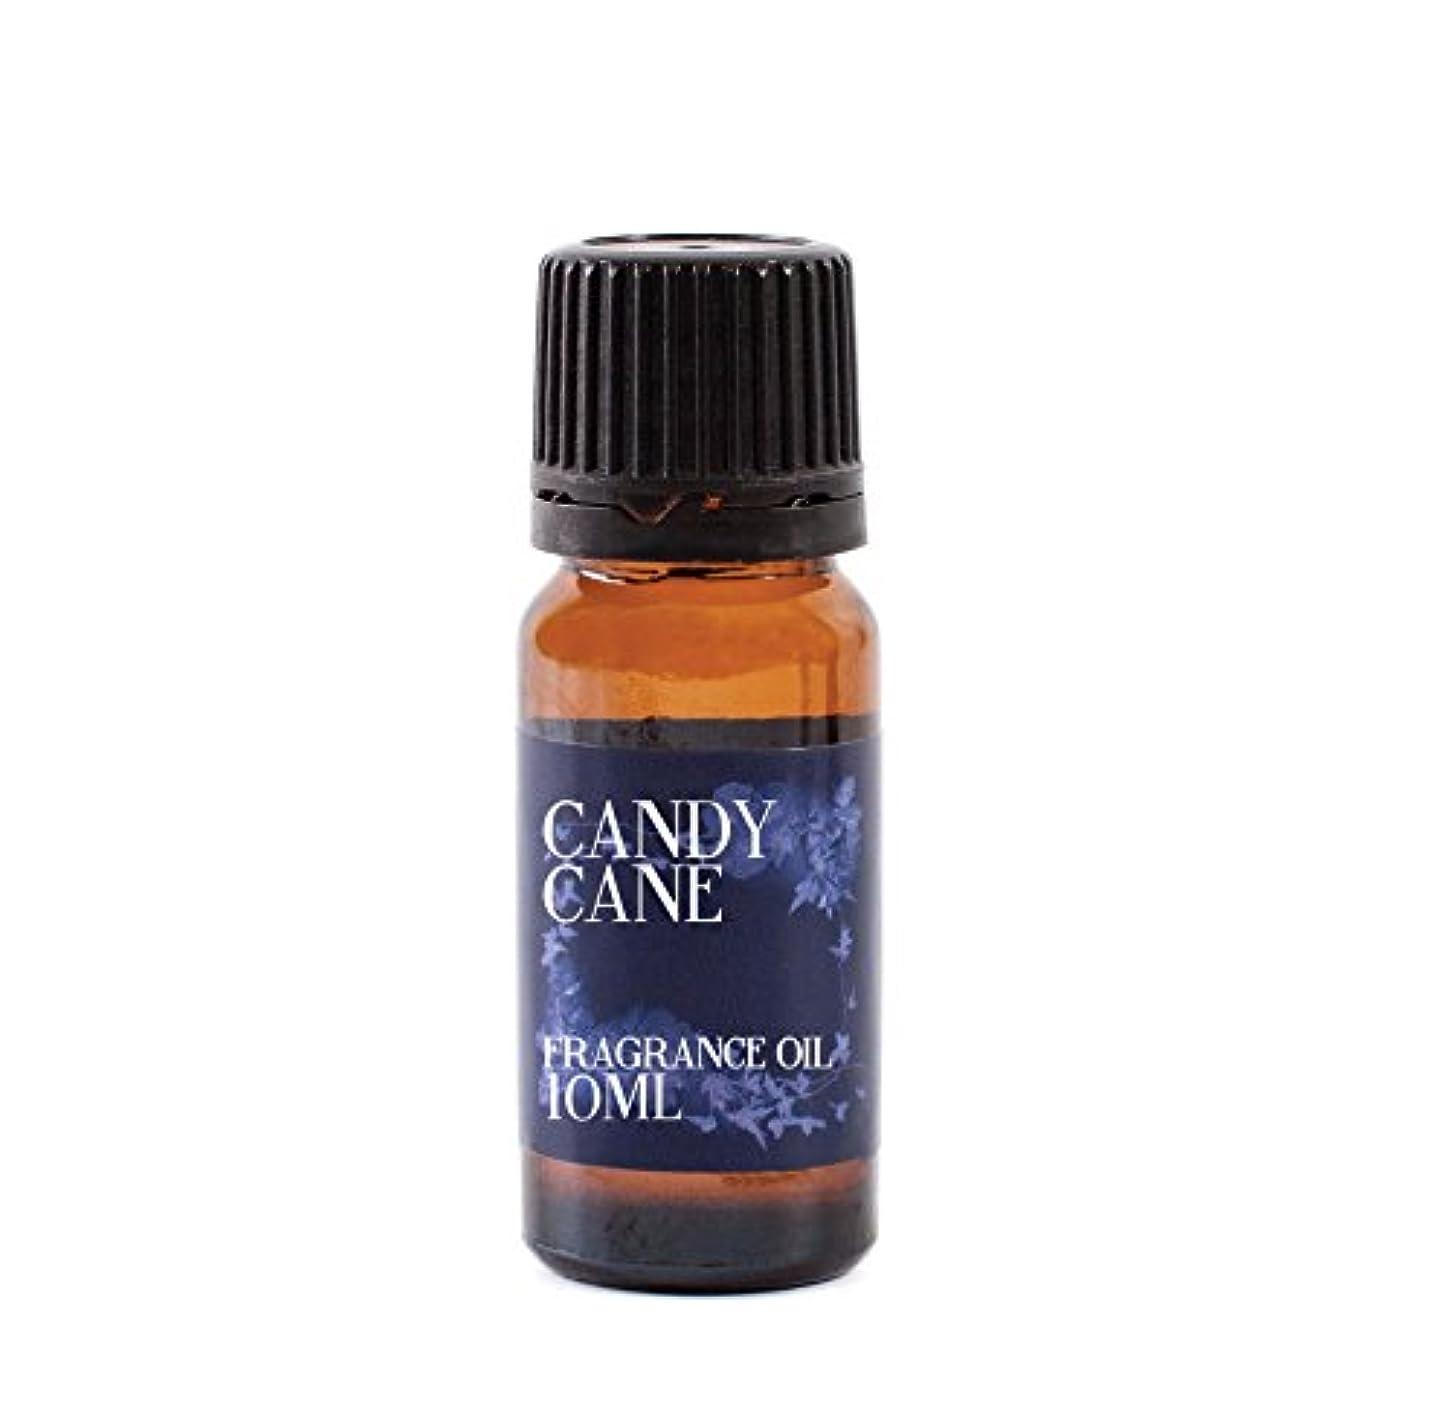 残忍な彼女自身想像力豊かなCandy Cane Fragrance Oil - 10ml